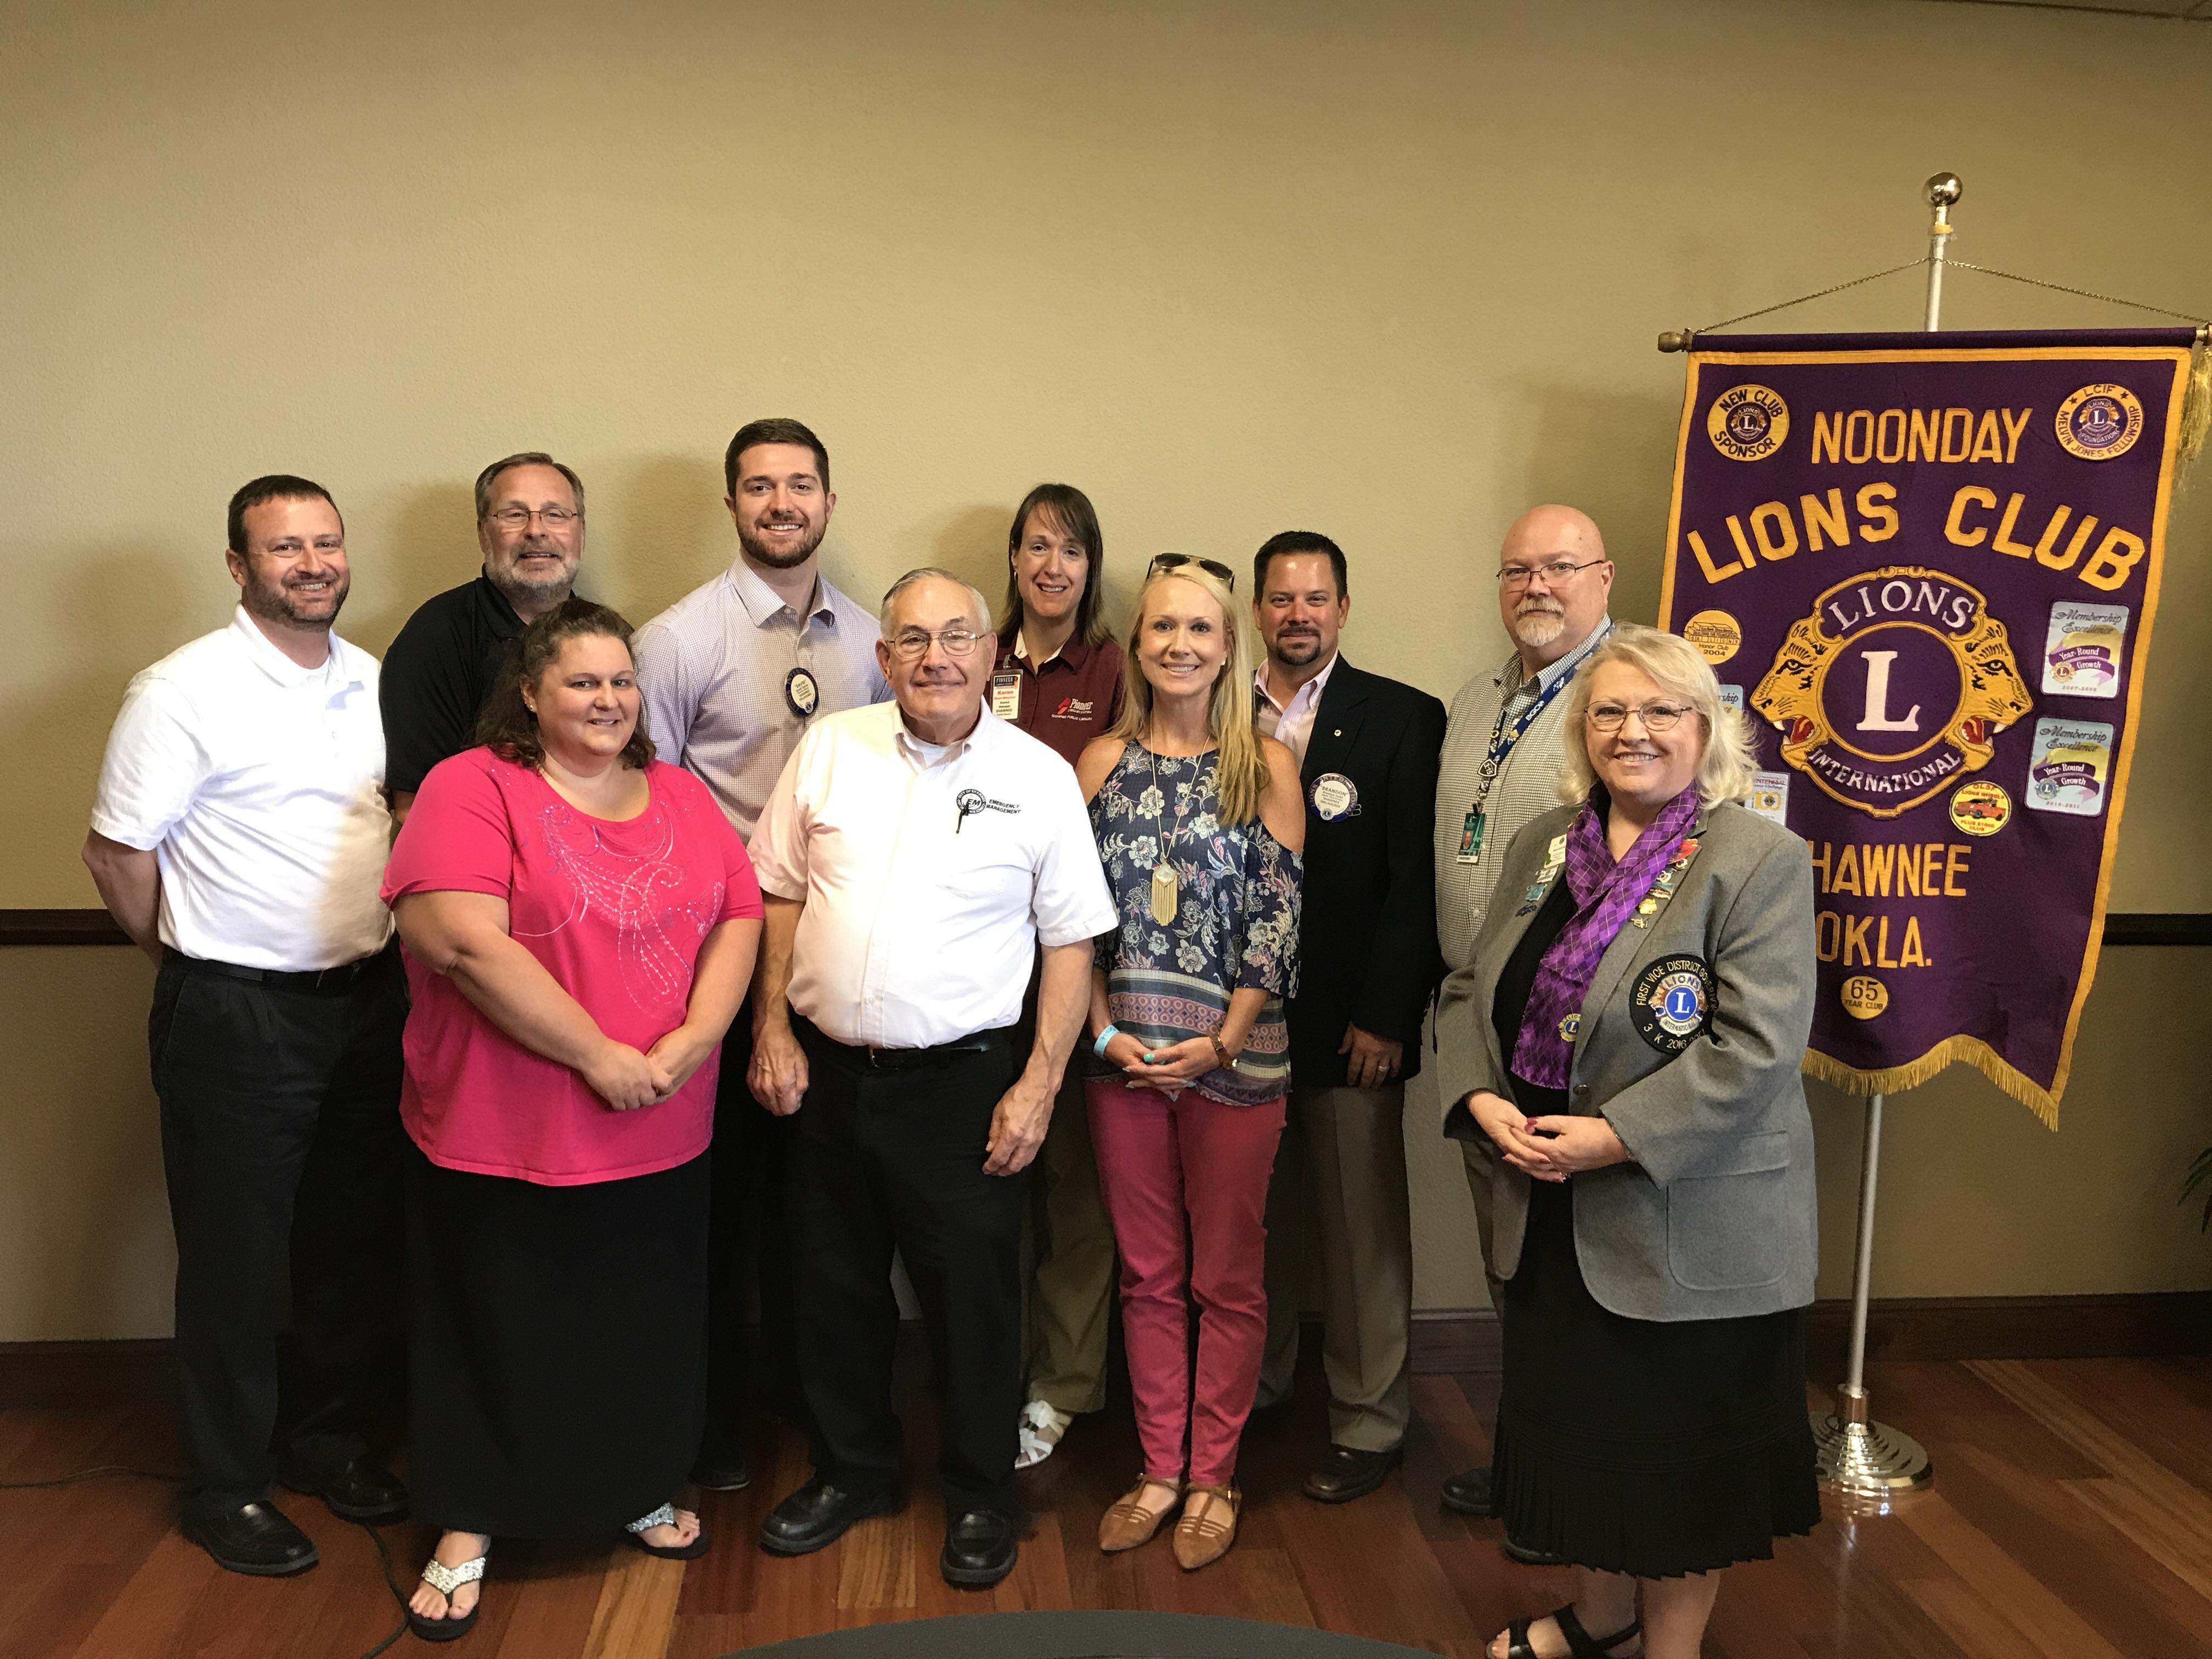 Shawnee Lions Club Board